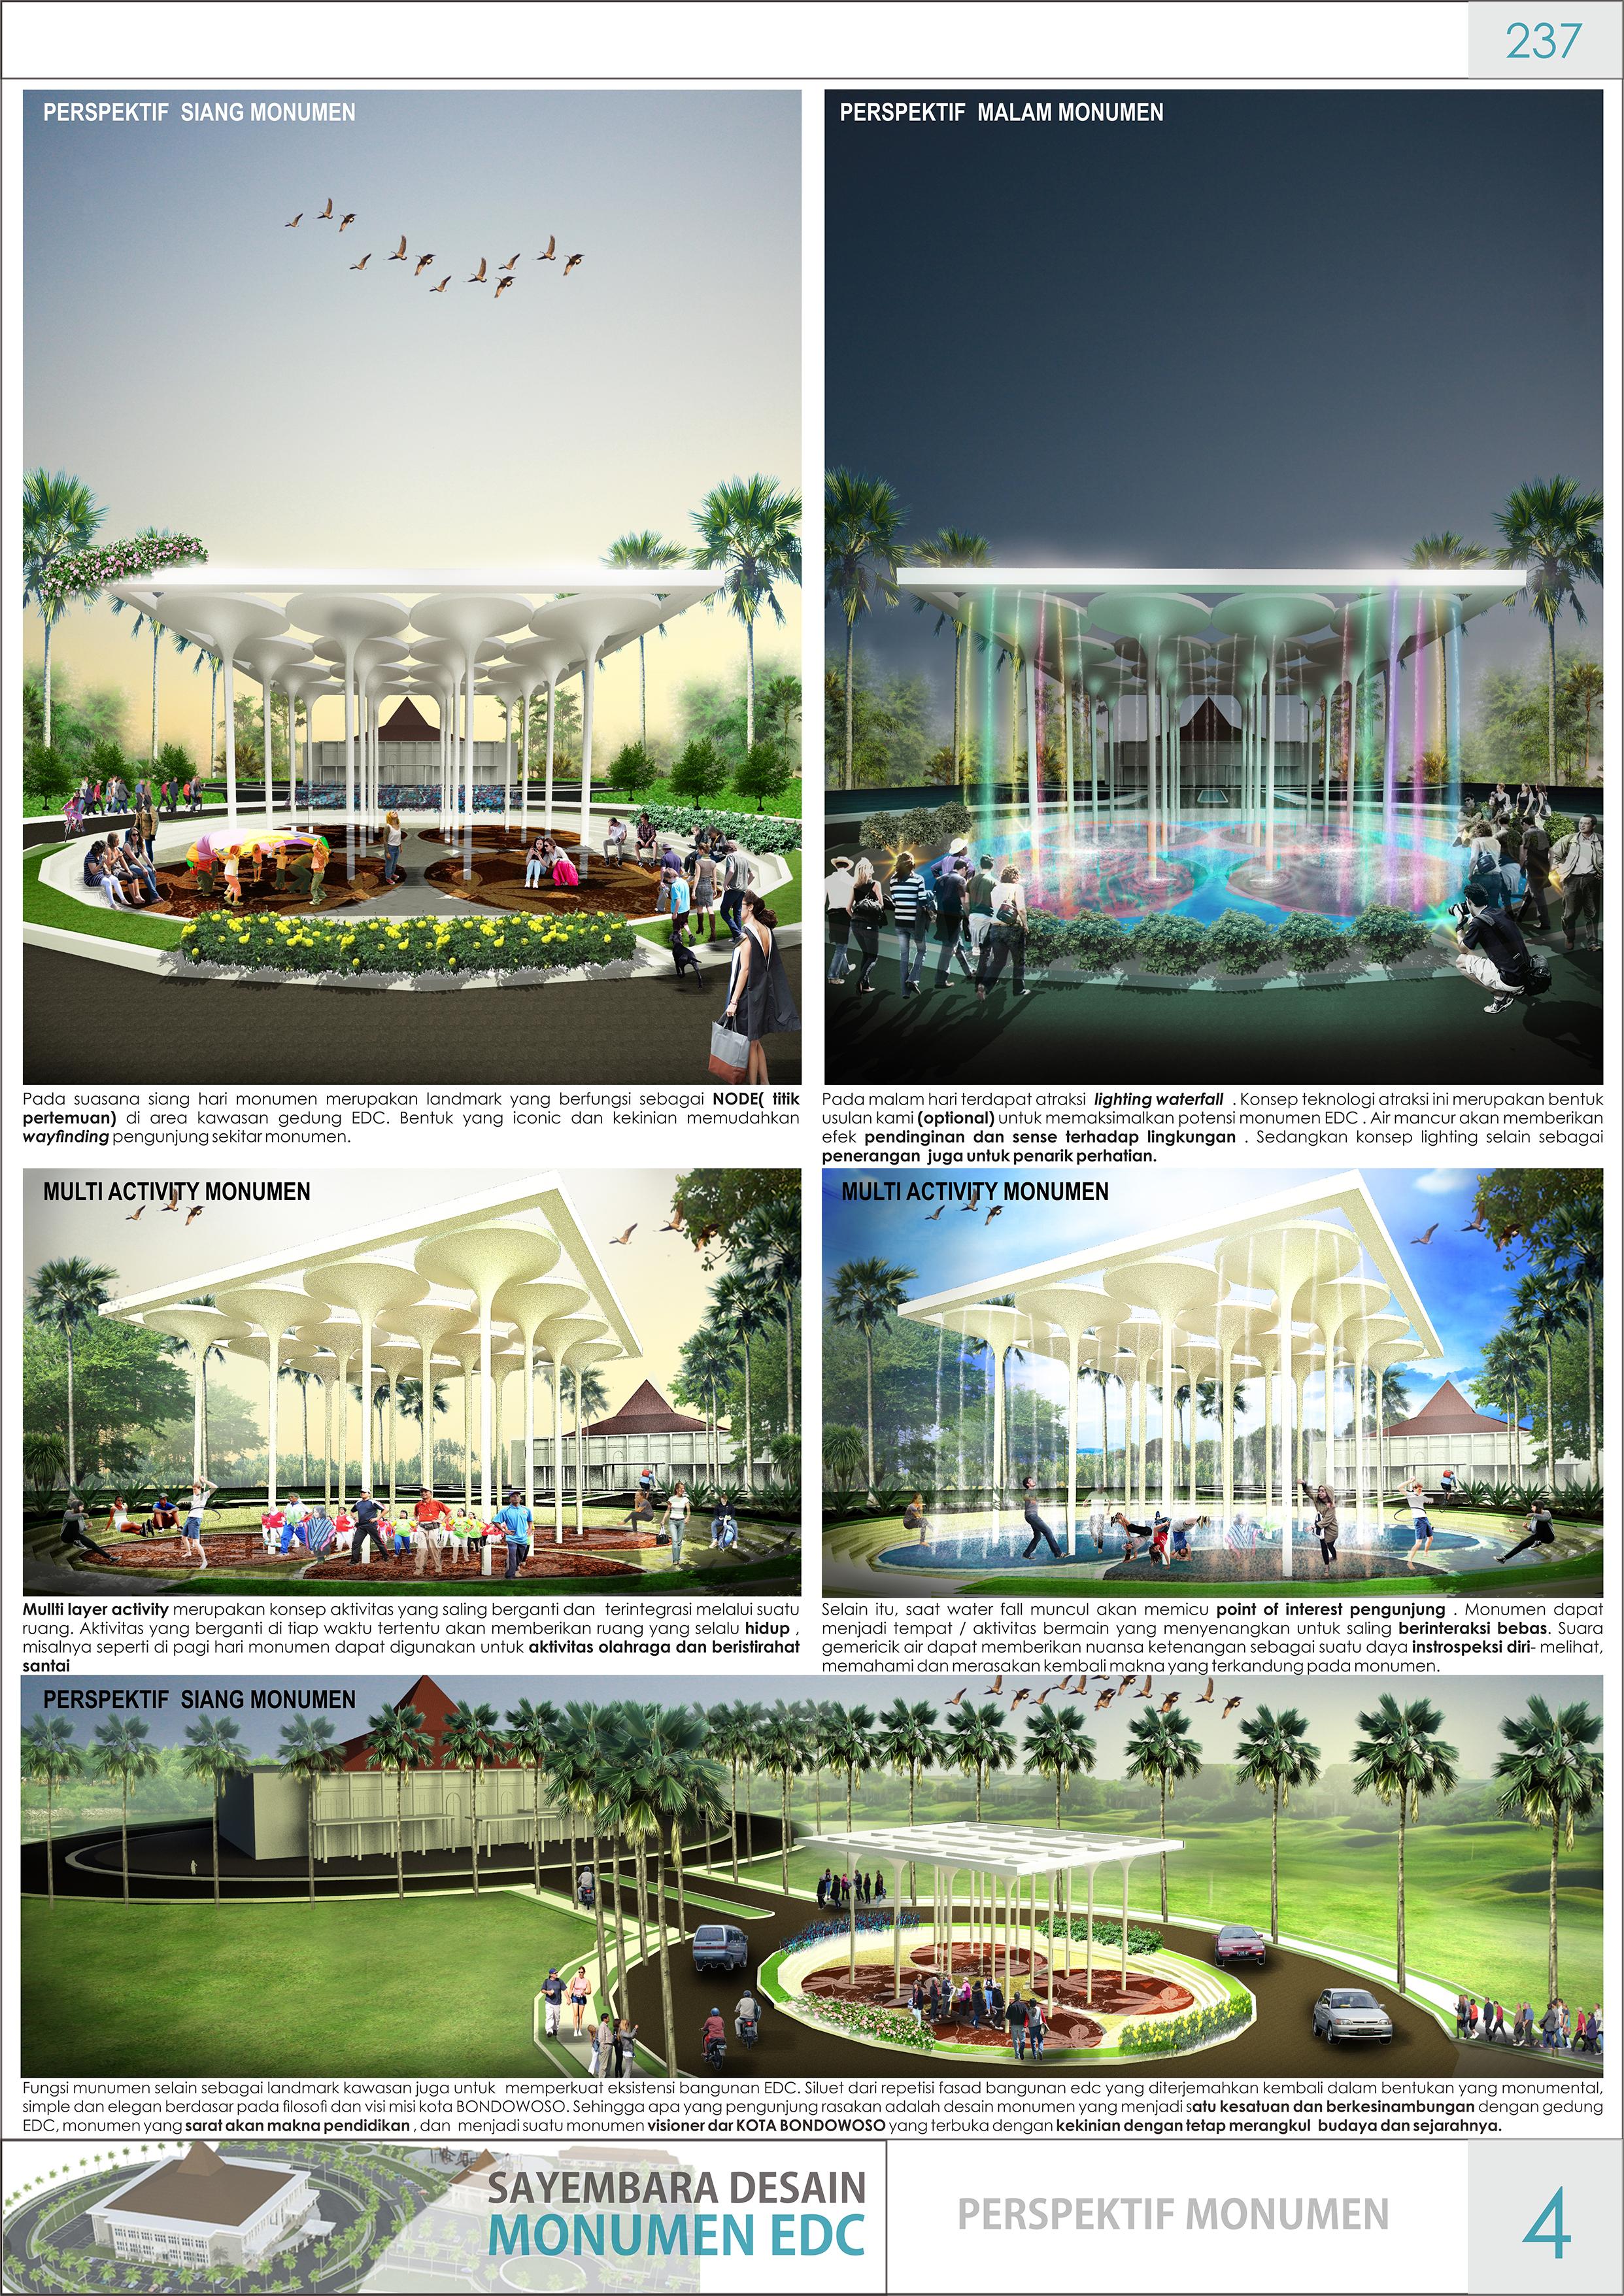 SAYEMBARA MONUMEN EDC BONDOWOSO by Eka Prasidhanta at Coroflotcom